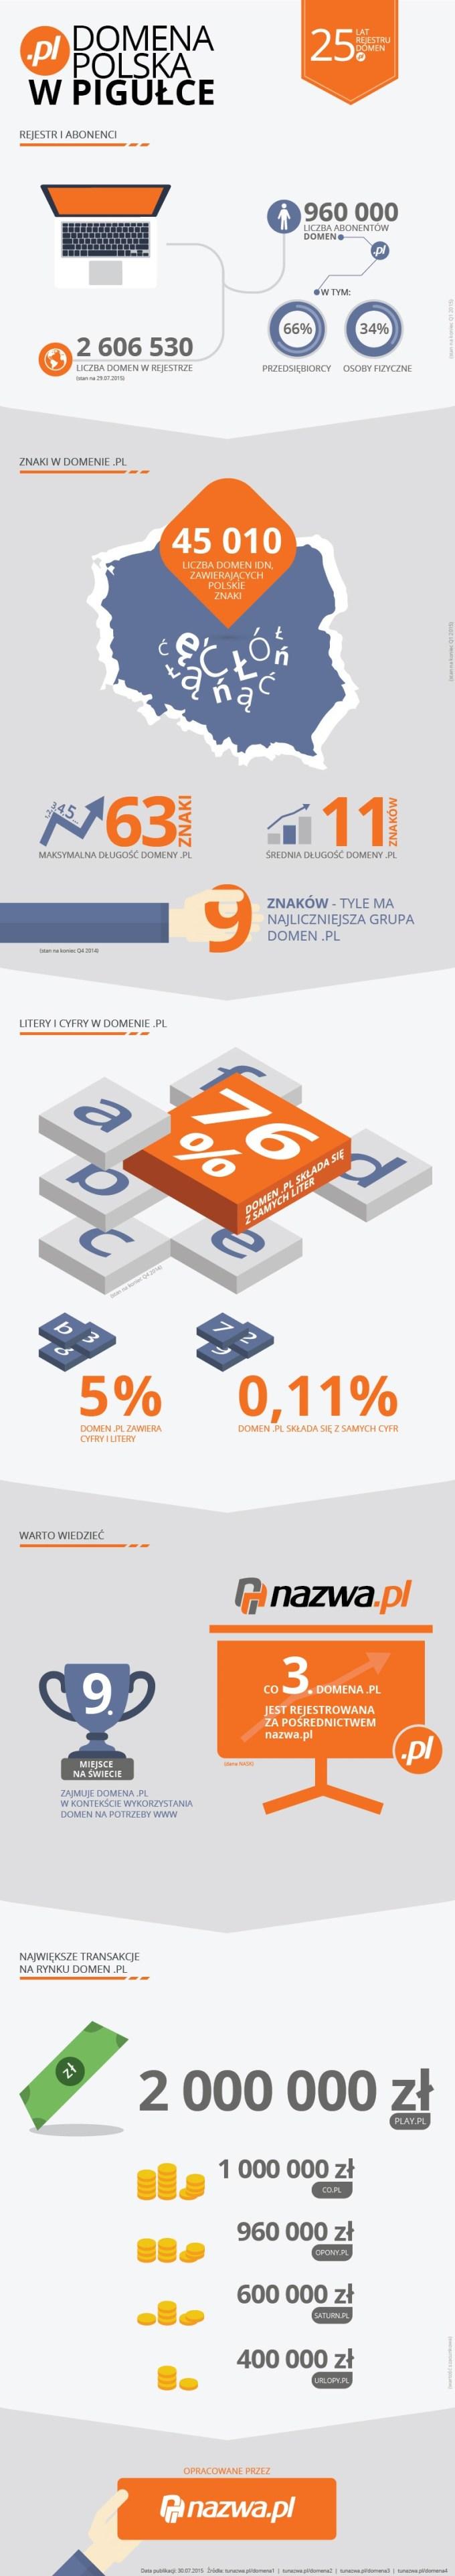 Polska domena (.pl) ma już 25 lat! (infografika)